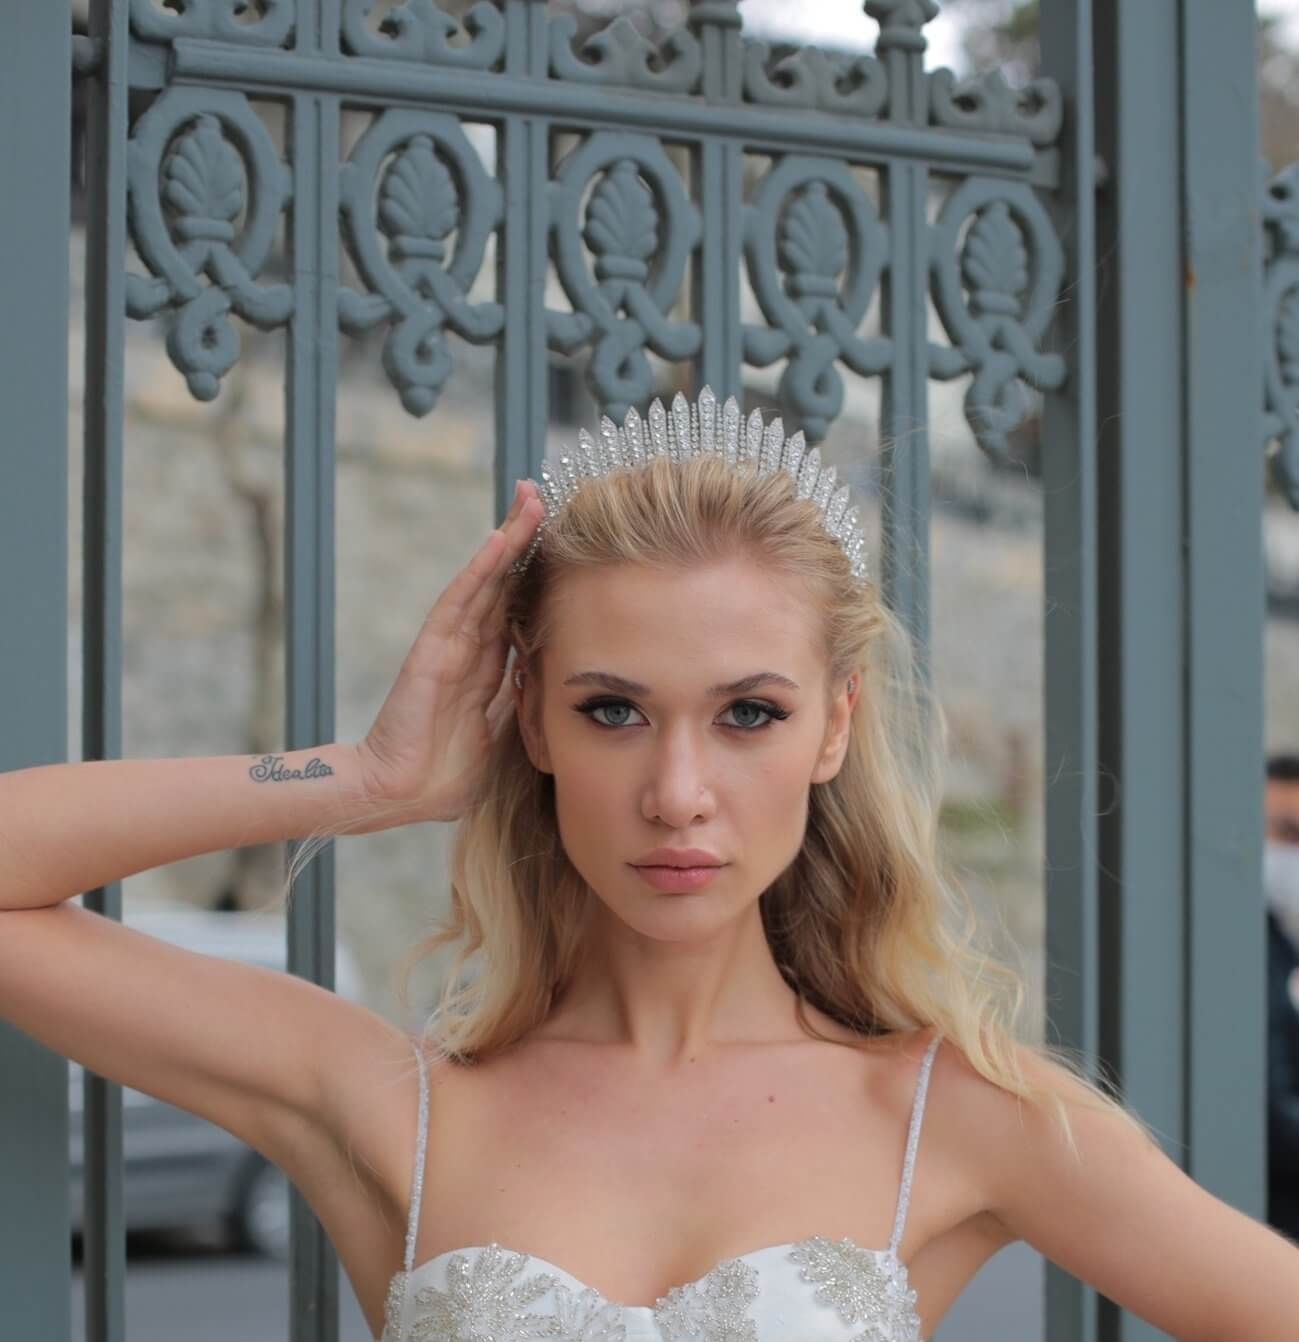 Completa tu look nupcial soñado con nuestros accesorios para novias - El hermoso tocado Jane es una corona con un estilo clásico, elegante cual boda real. Disponible en la Isla de Margarita y próximamente en Caracas, Venezuela